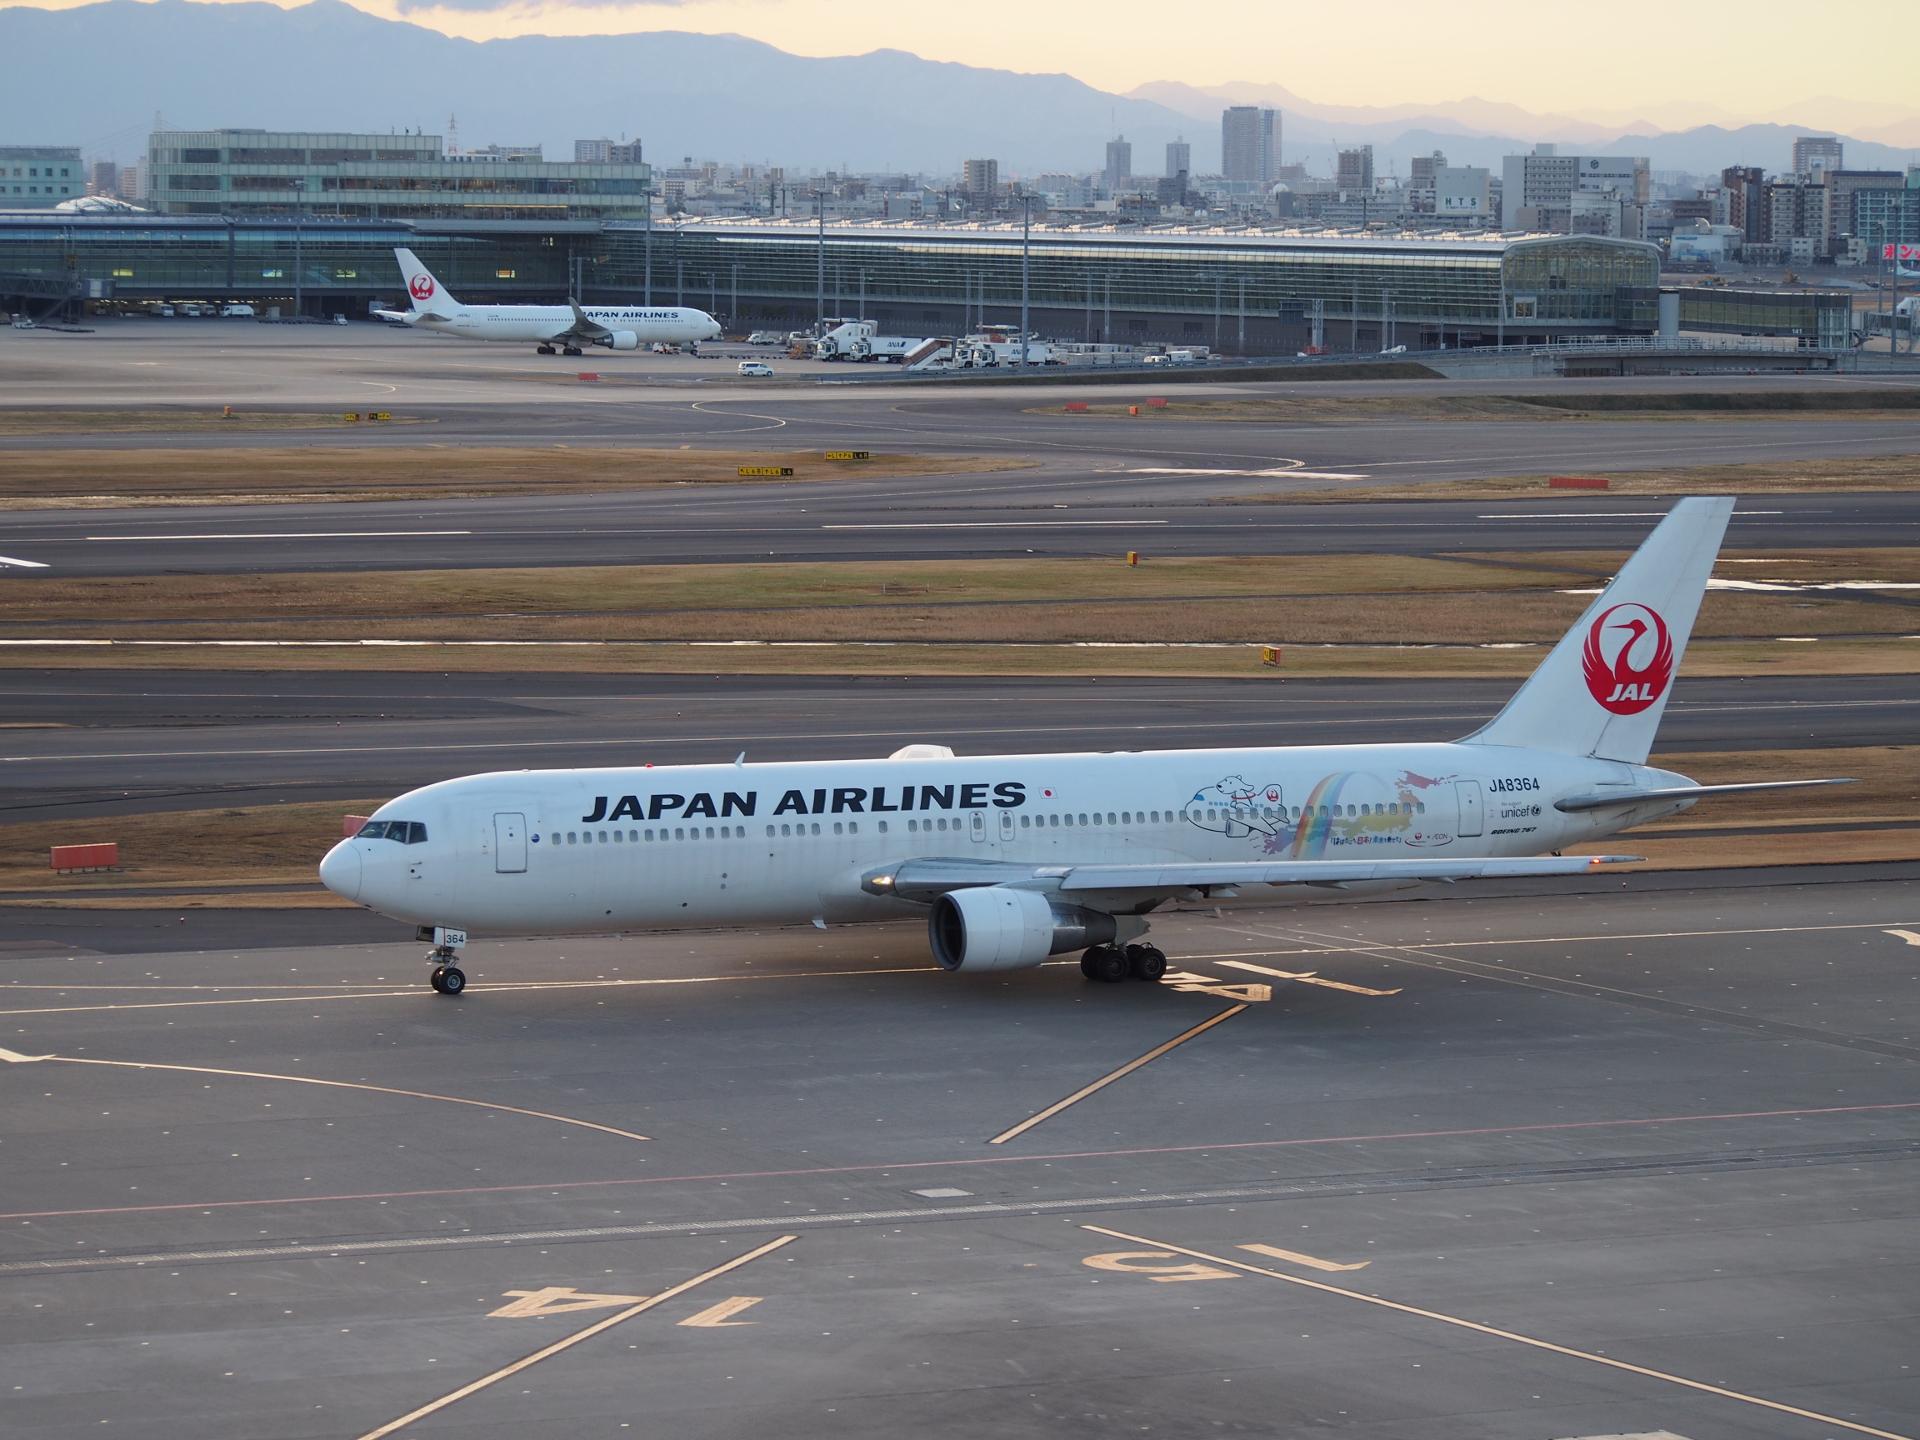 WAONジェット・B767-346/JA8364機です。